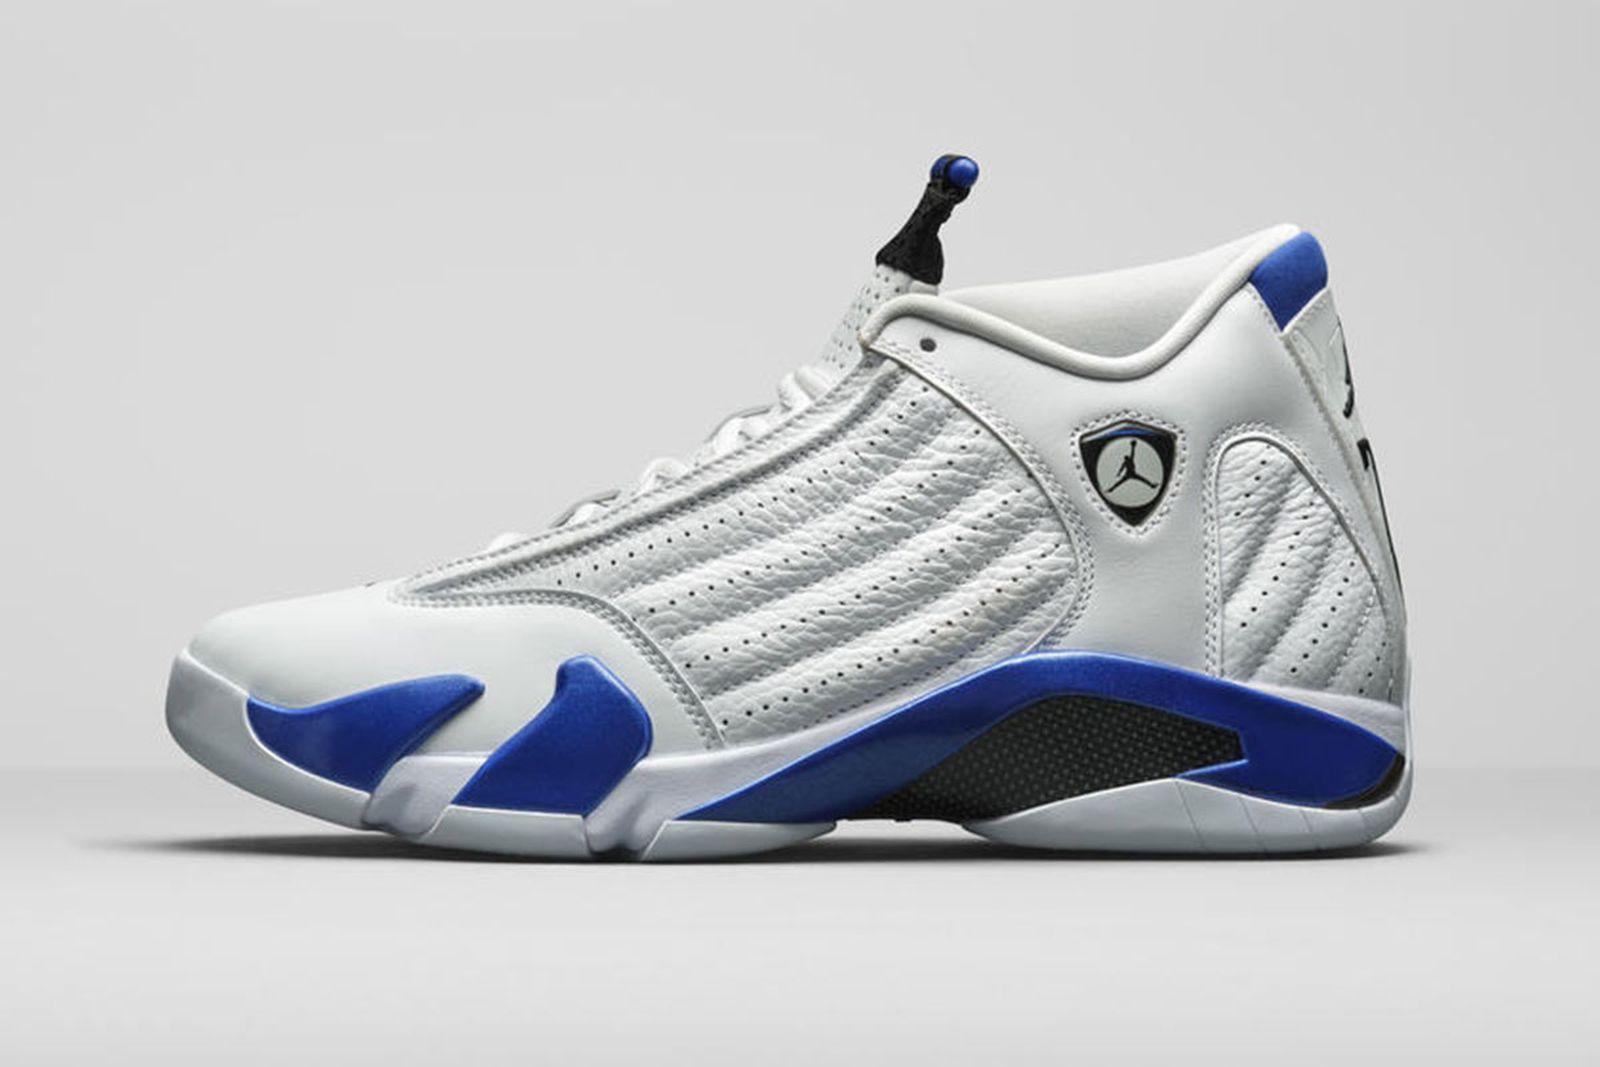 Jordan Brand Fall 2020 sneaker lineup air jordan 14 hyper royal blue